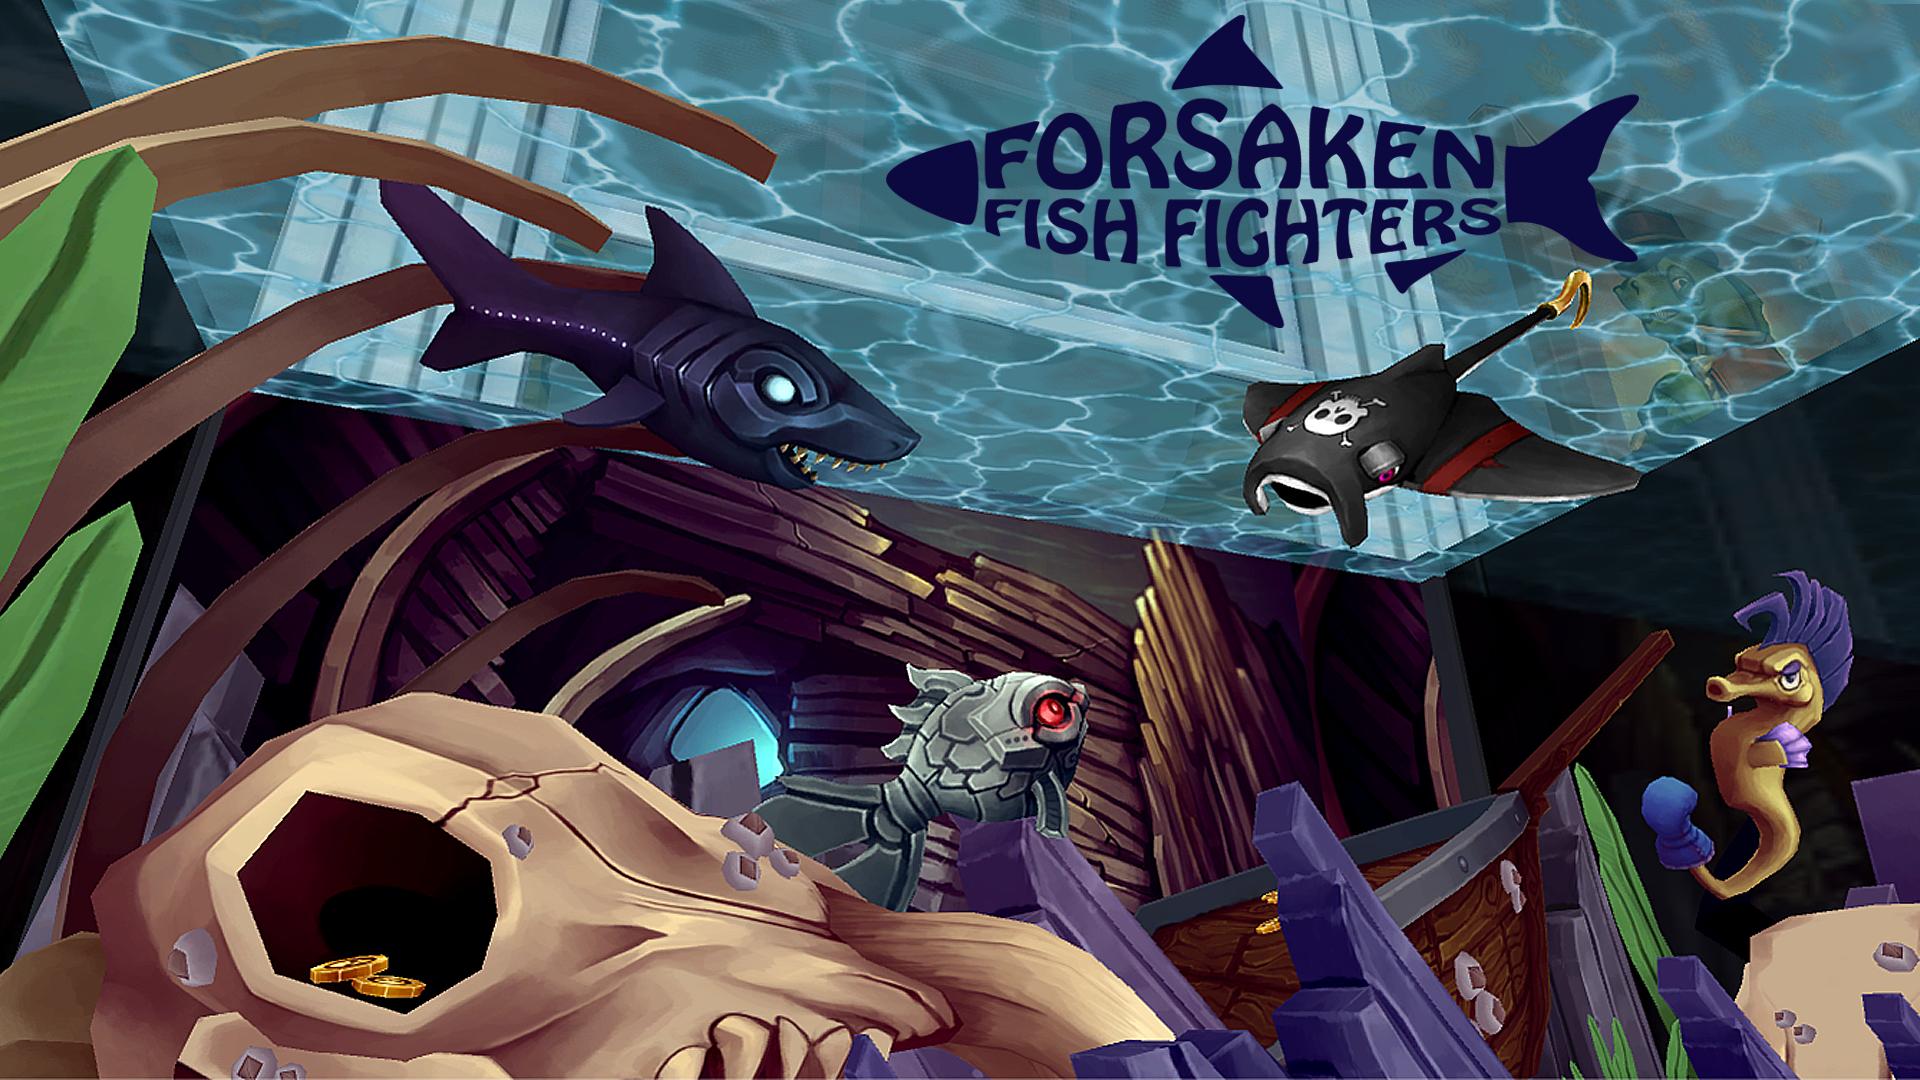 Forsaken Fish Fighters